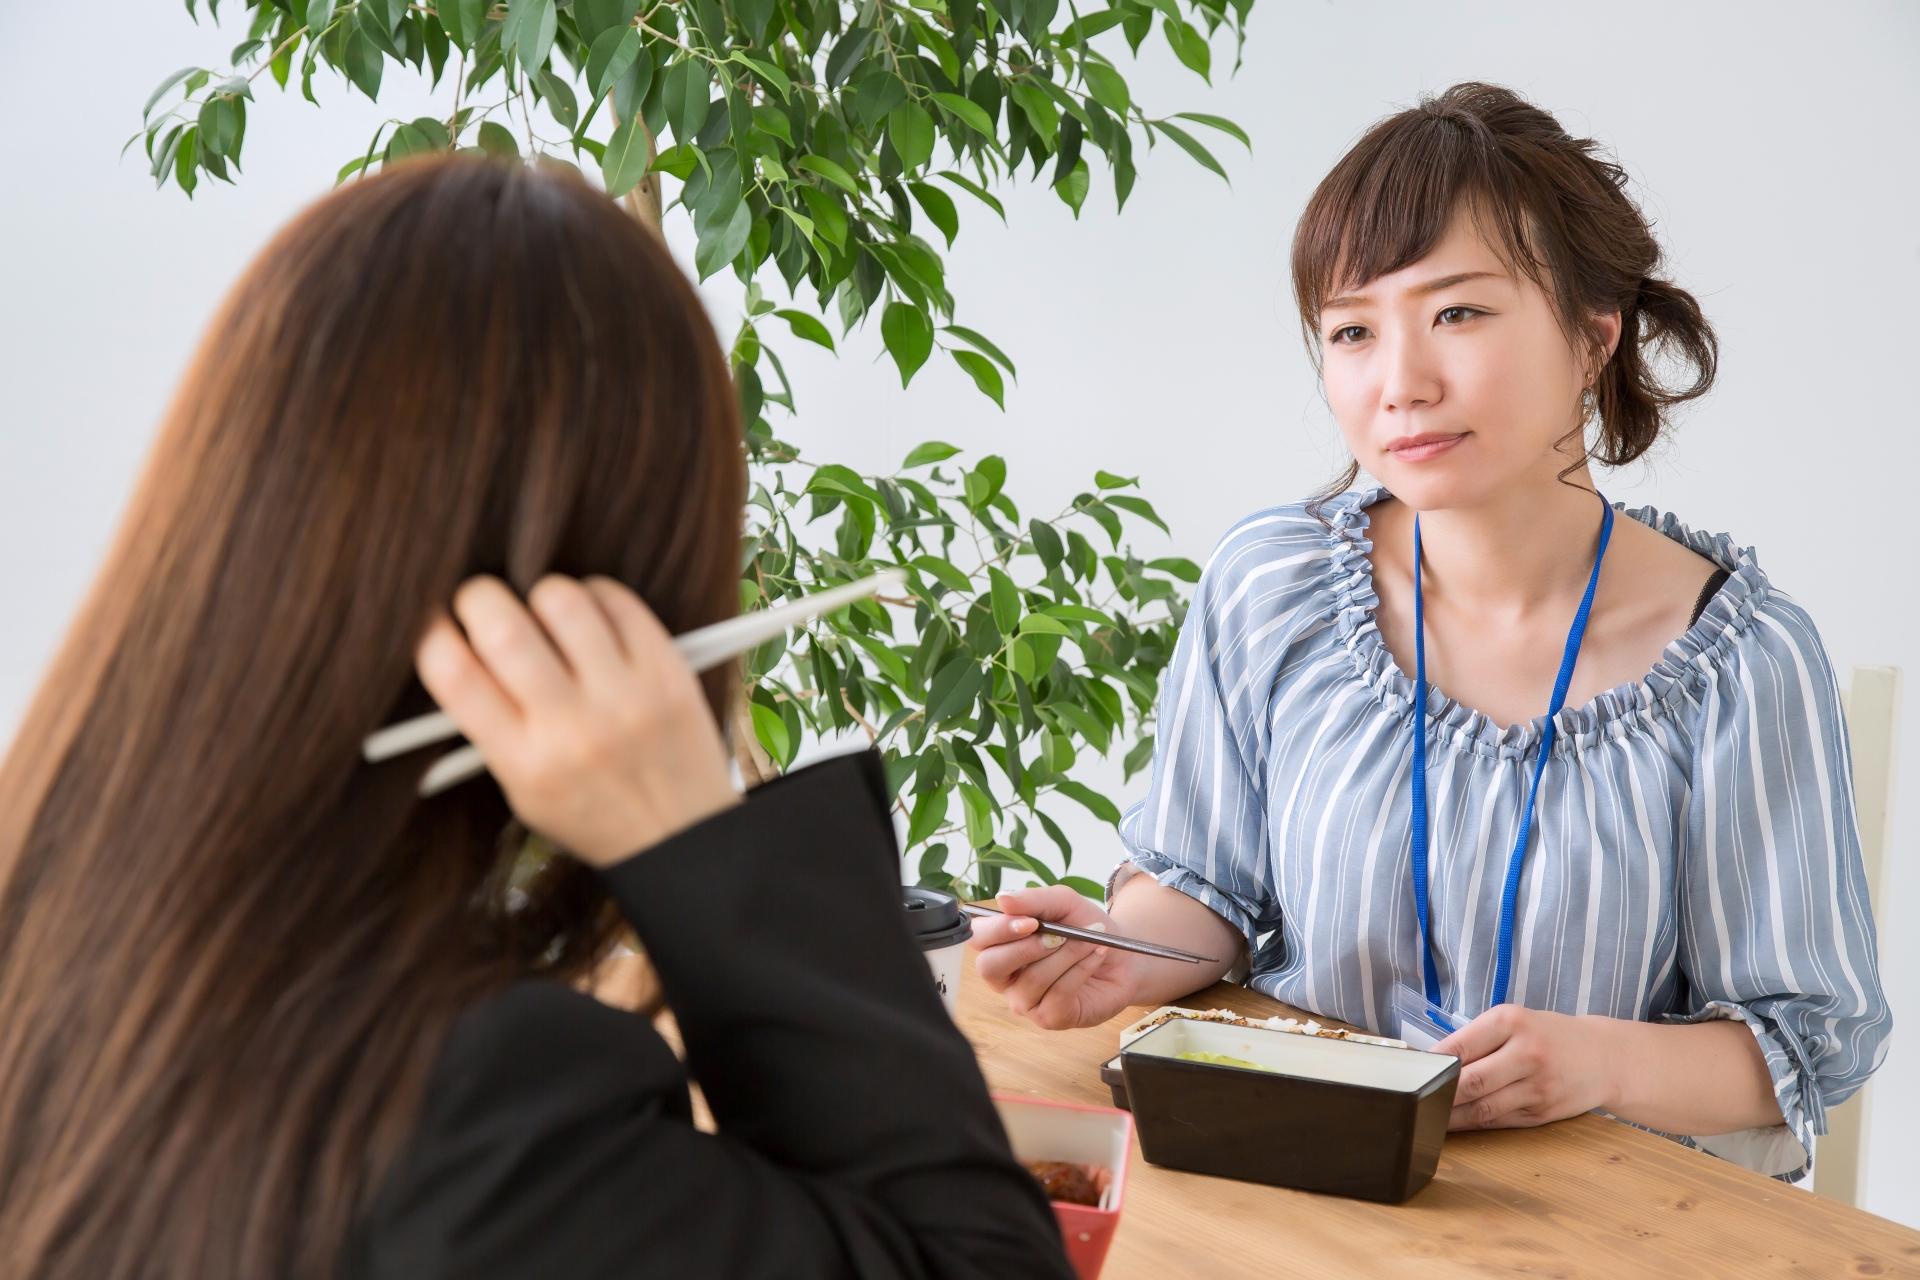 可愛い子に嫉妬 職場の可愛い後輩女性に嫉妬する先輩女性の心理 Termweb